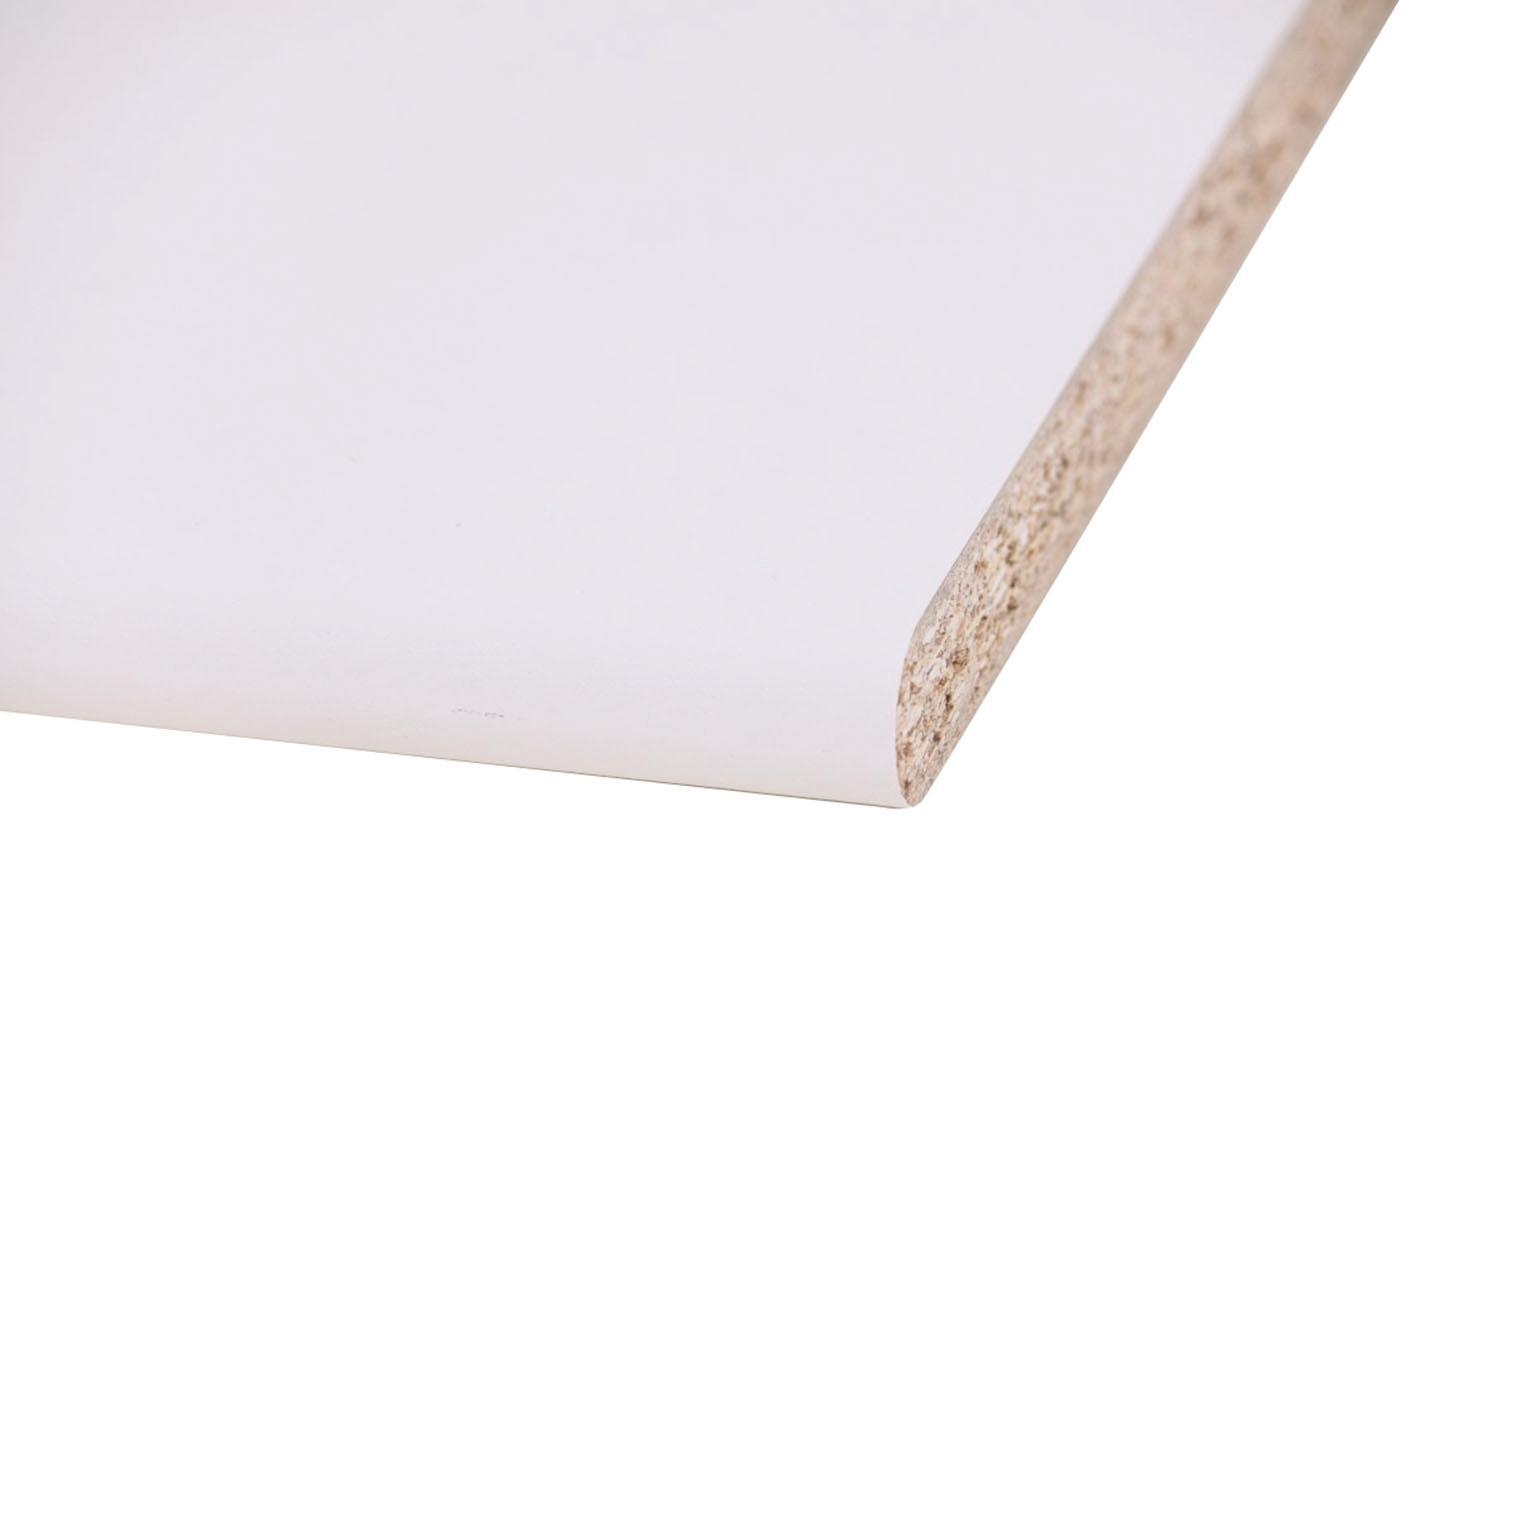 Piano di lavoro in legno bianco L 124 x P 60 cm, spessore 2.5 cm - 1